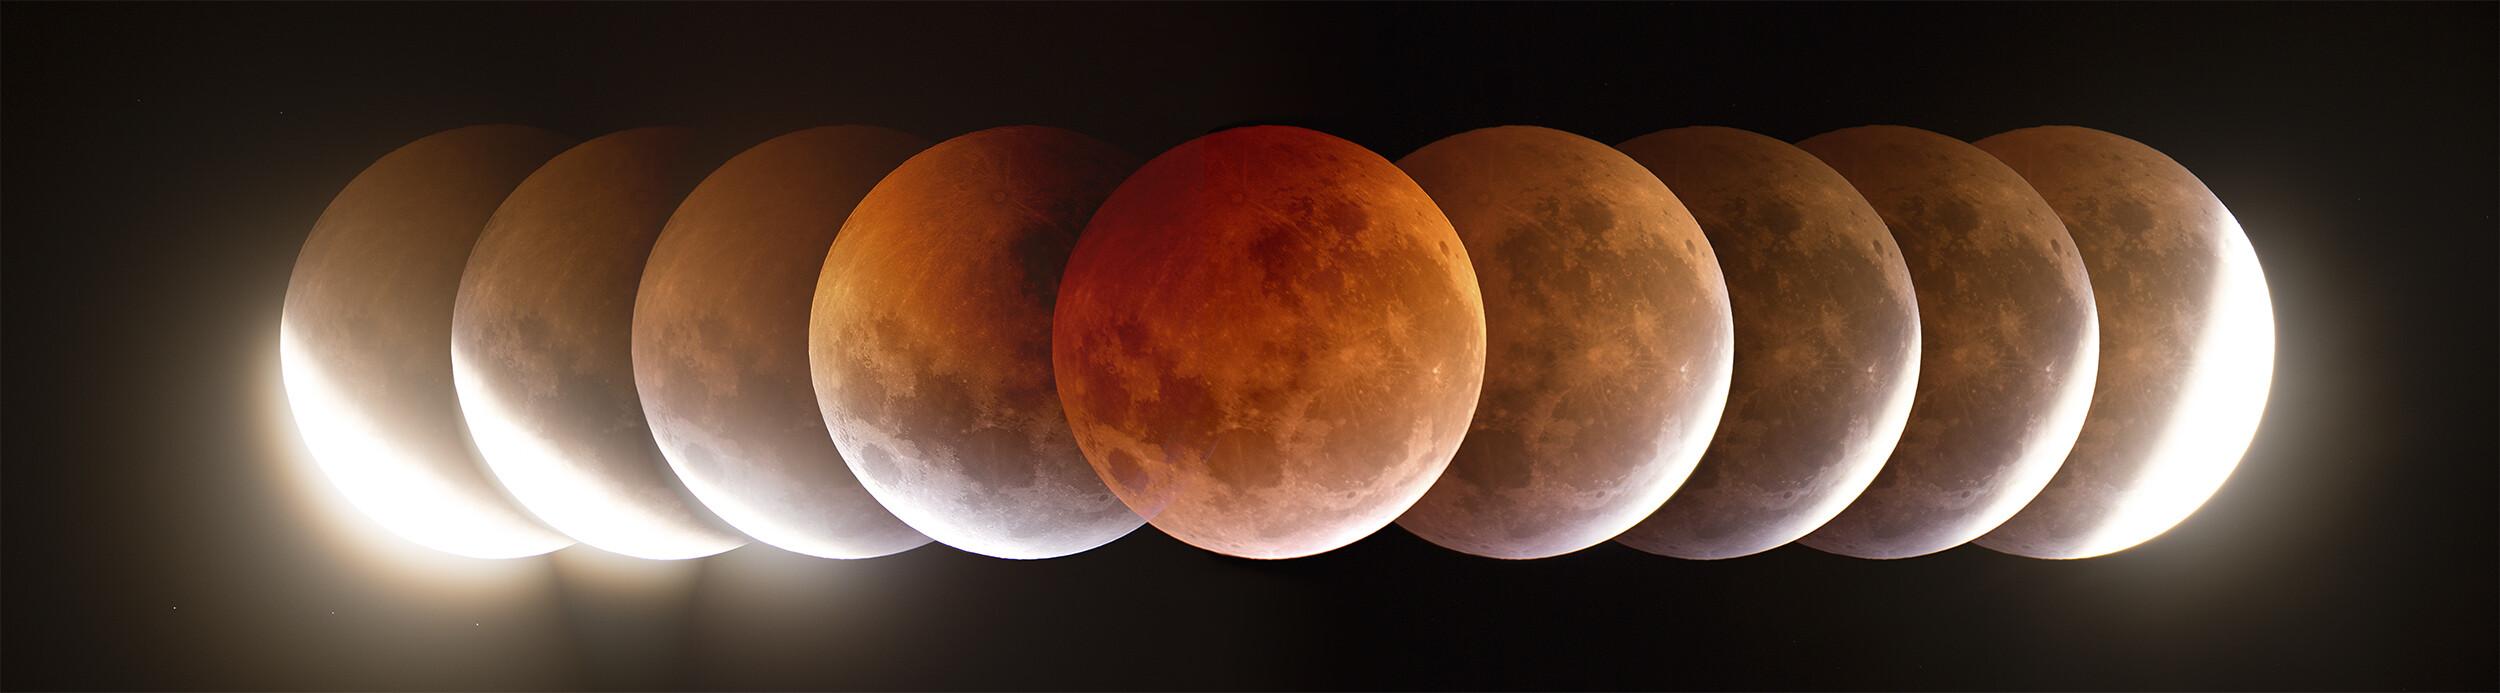 eclipse lunar no es una fase lunar